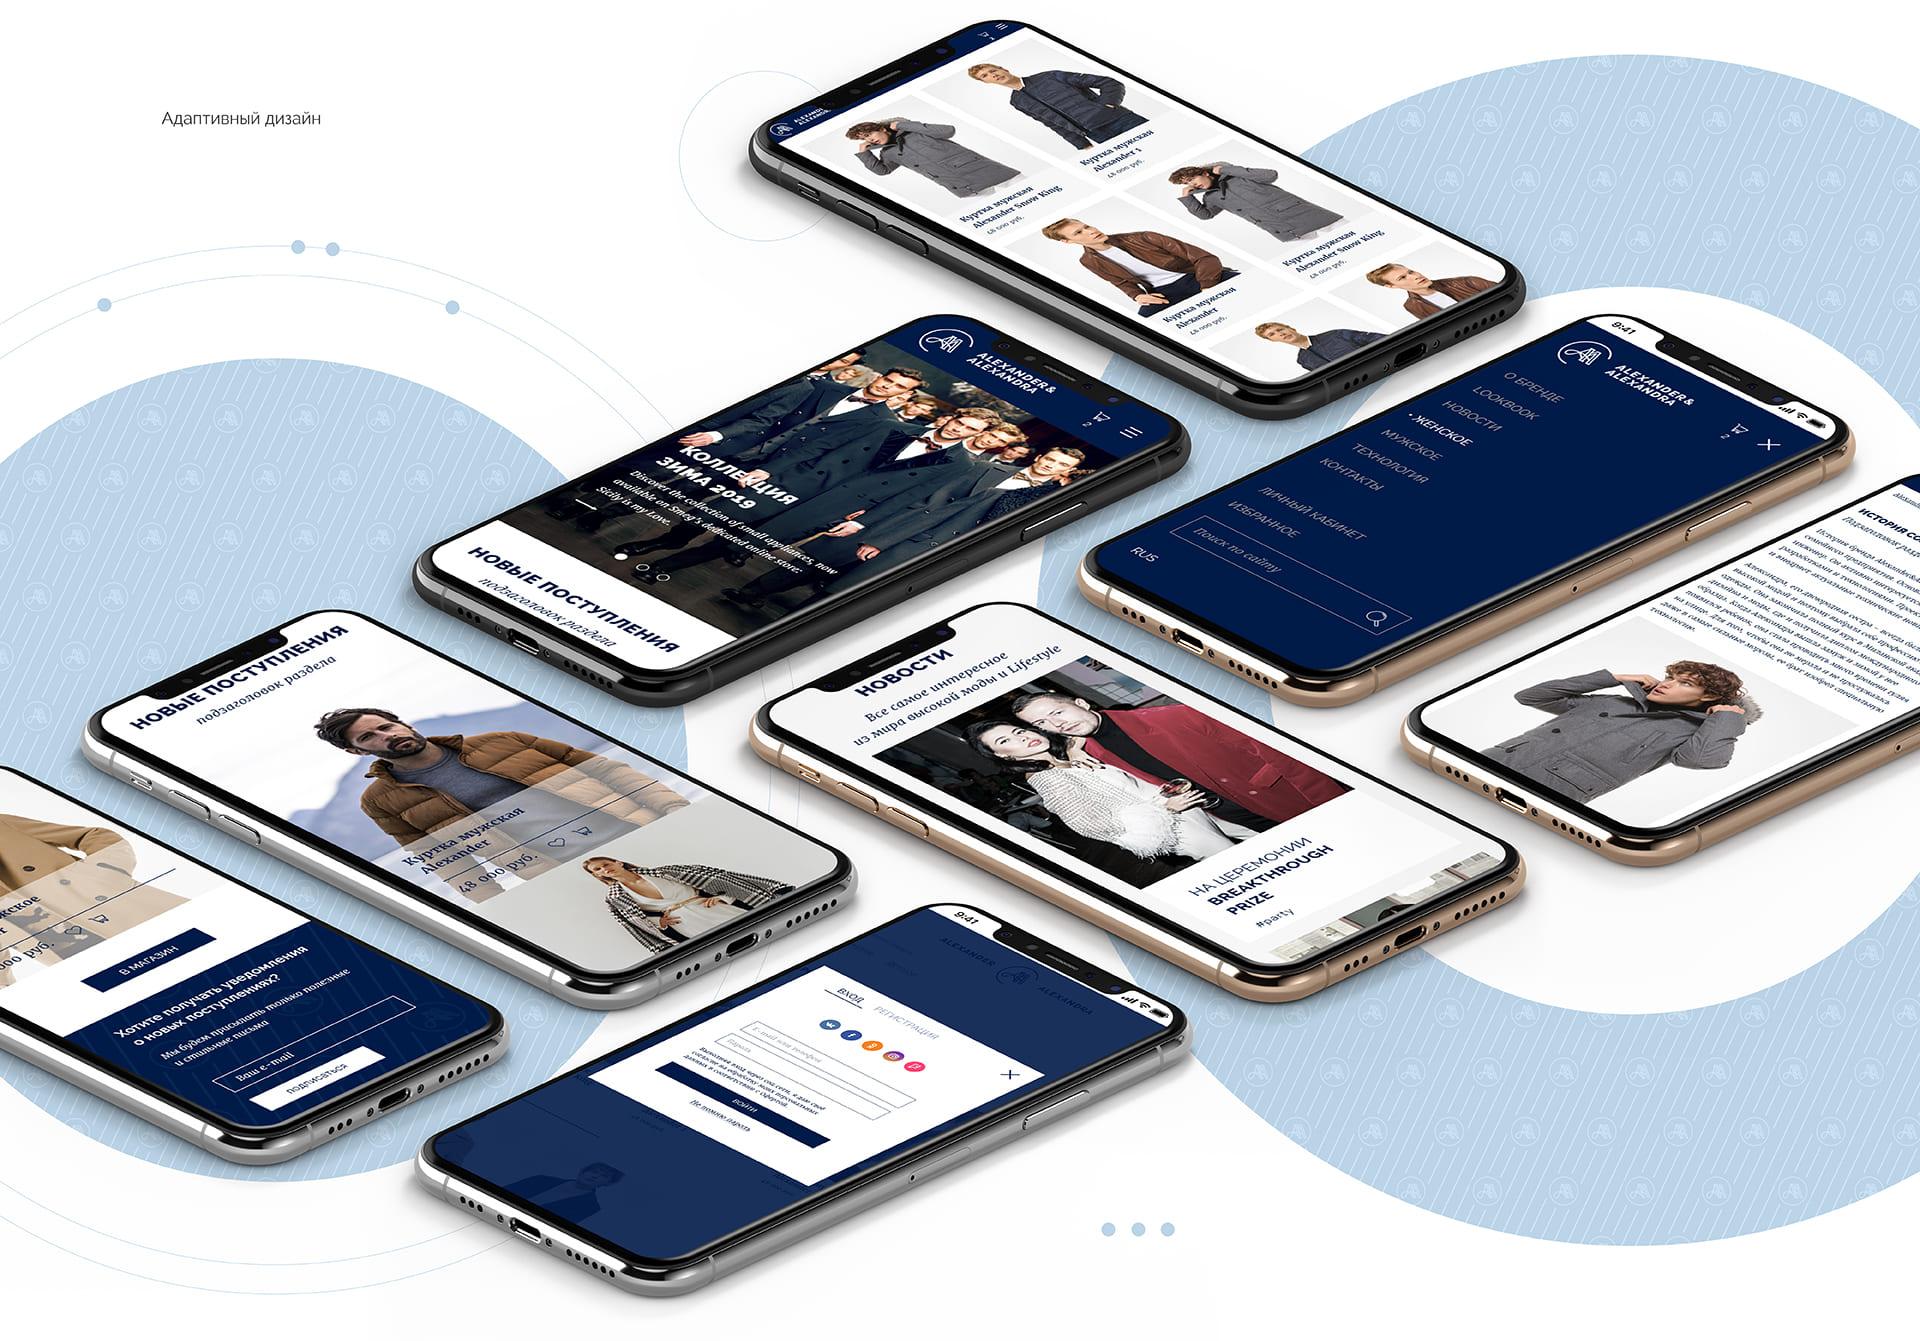 Интернет-магазин верхней одежды дизайн мобильной версии сайта